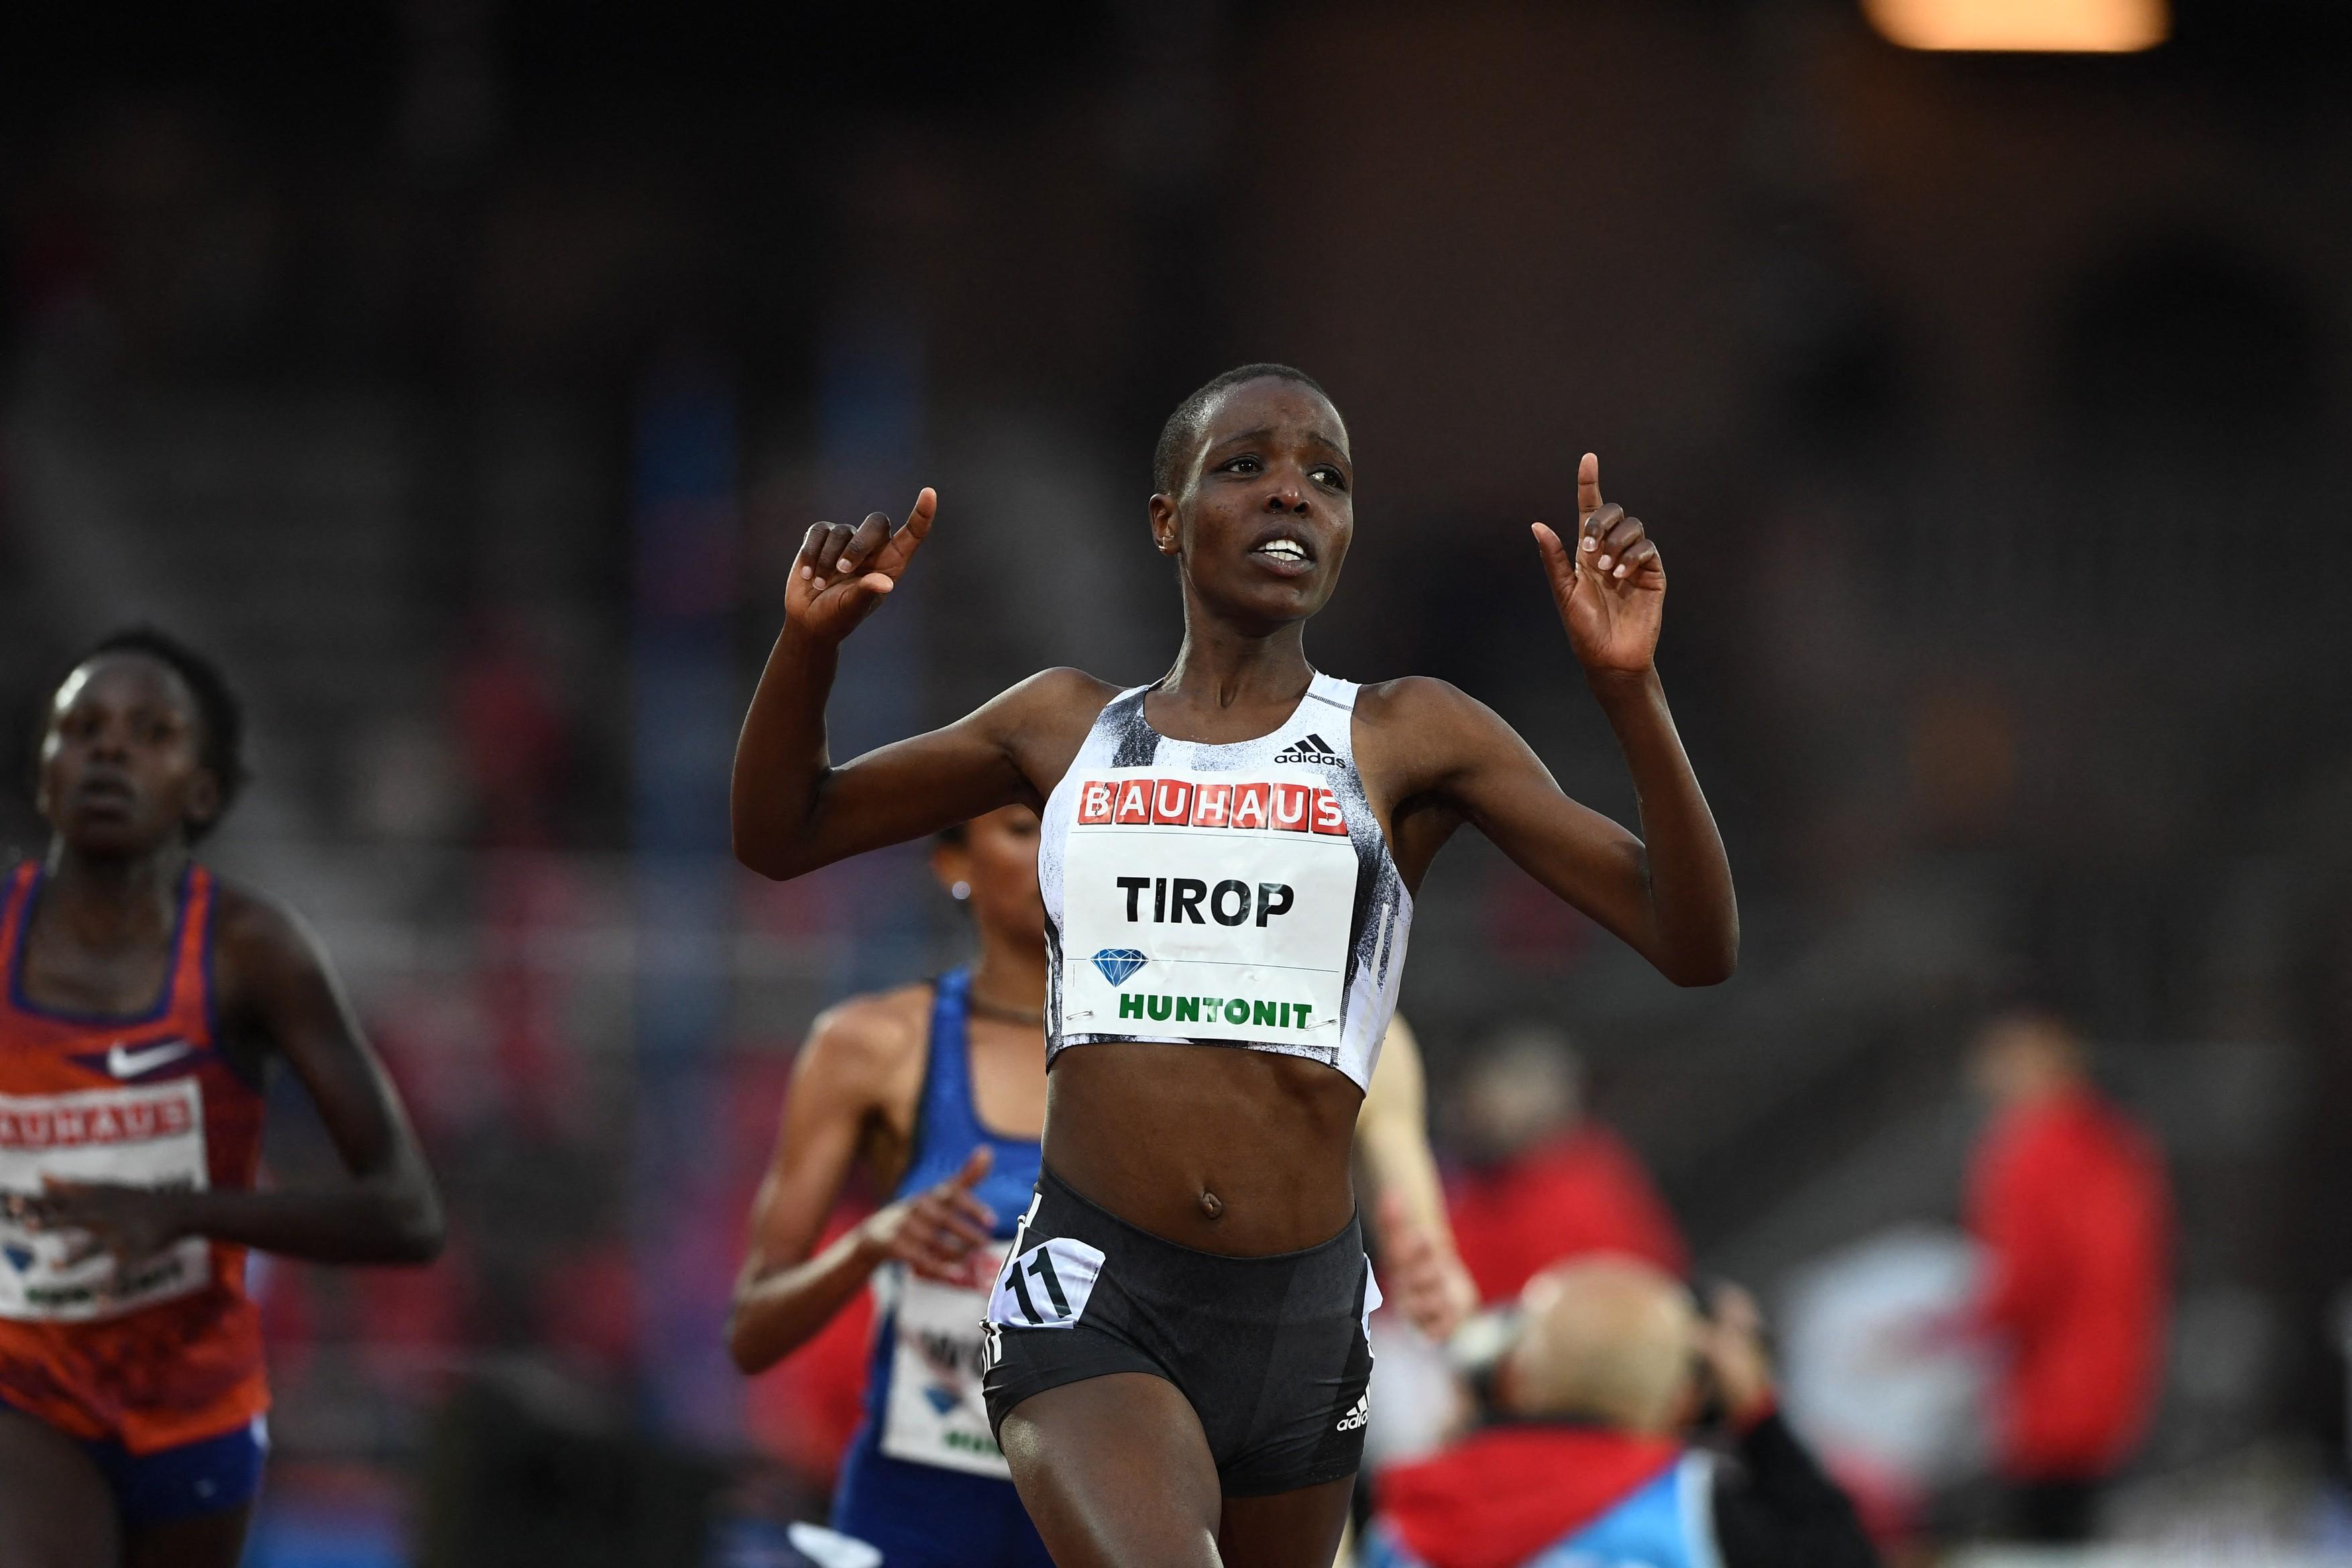 Agnes Jebet Tirop, dubla medaliata cu bronz la Mondiale si detinatoarea recordului la 10.000 de metri, a fost gasita moarta